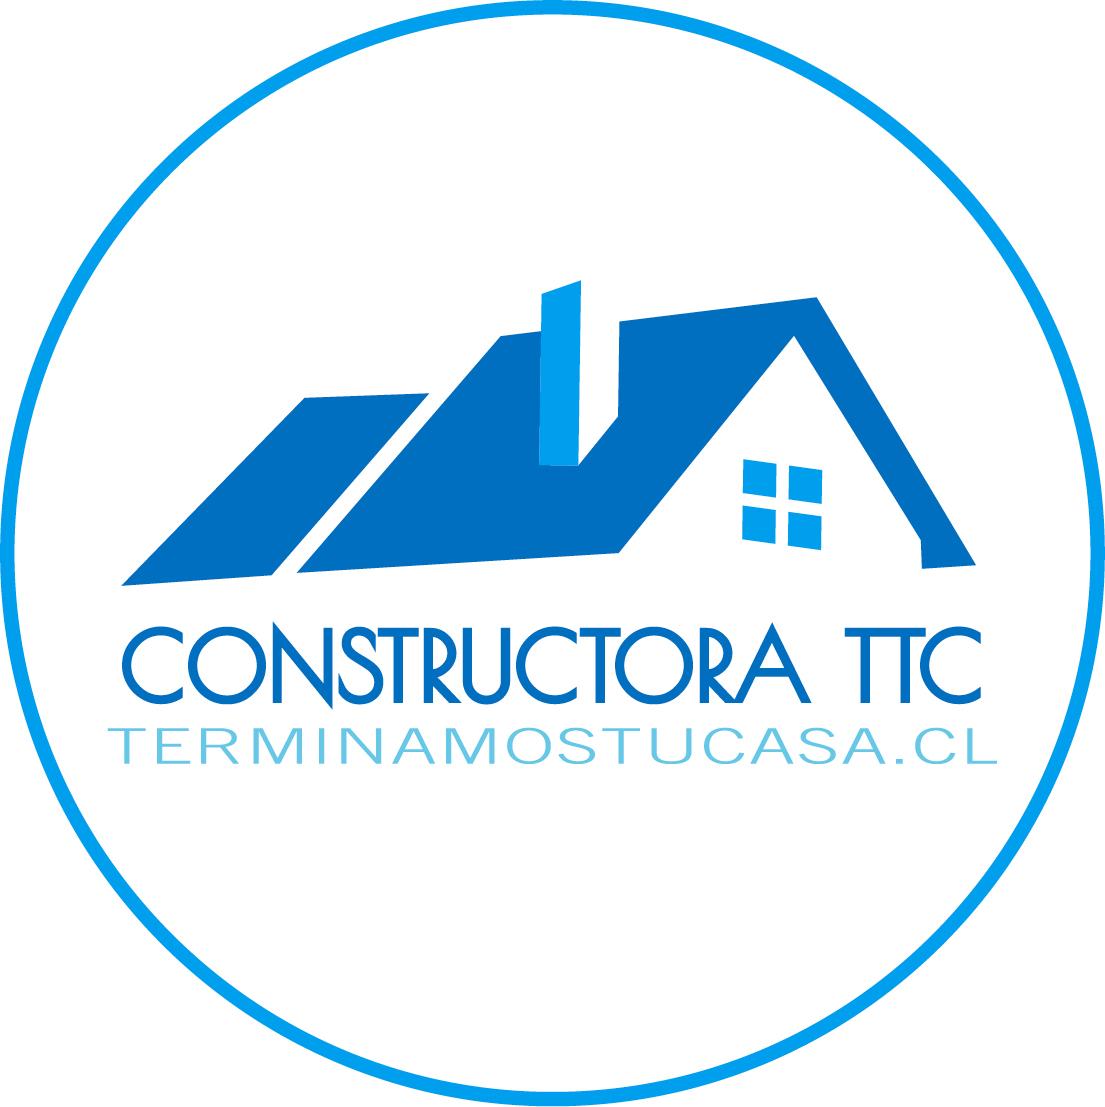 Constructora Ttc